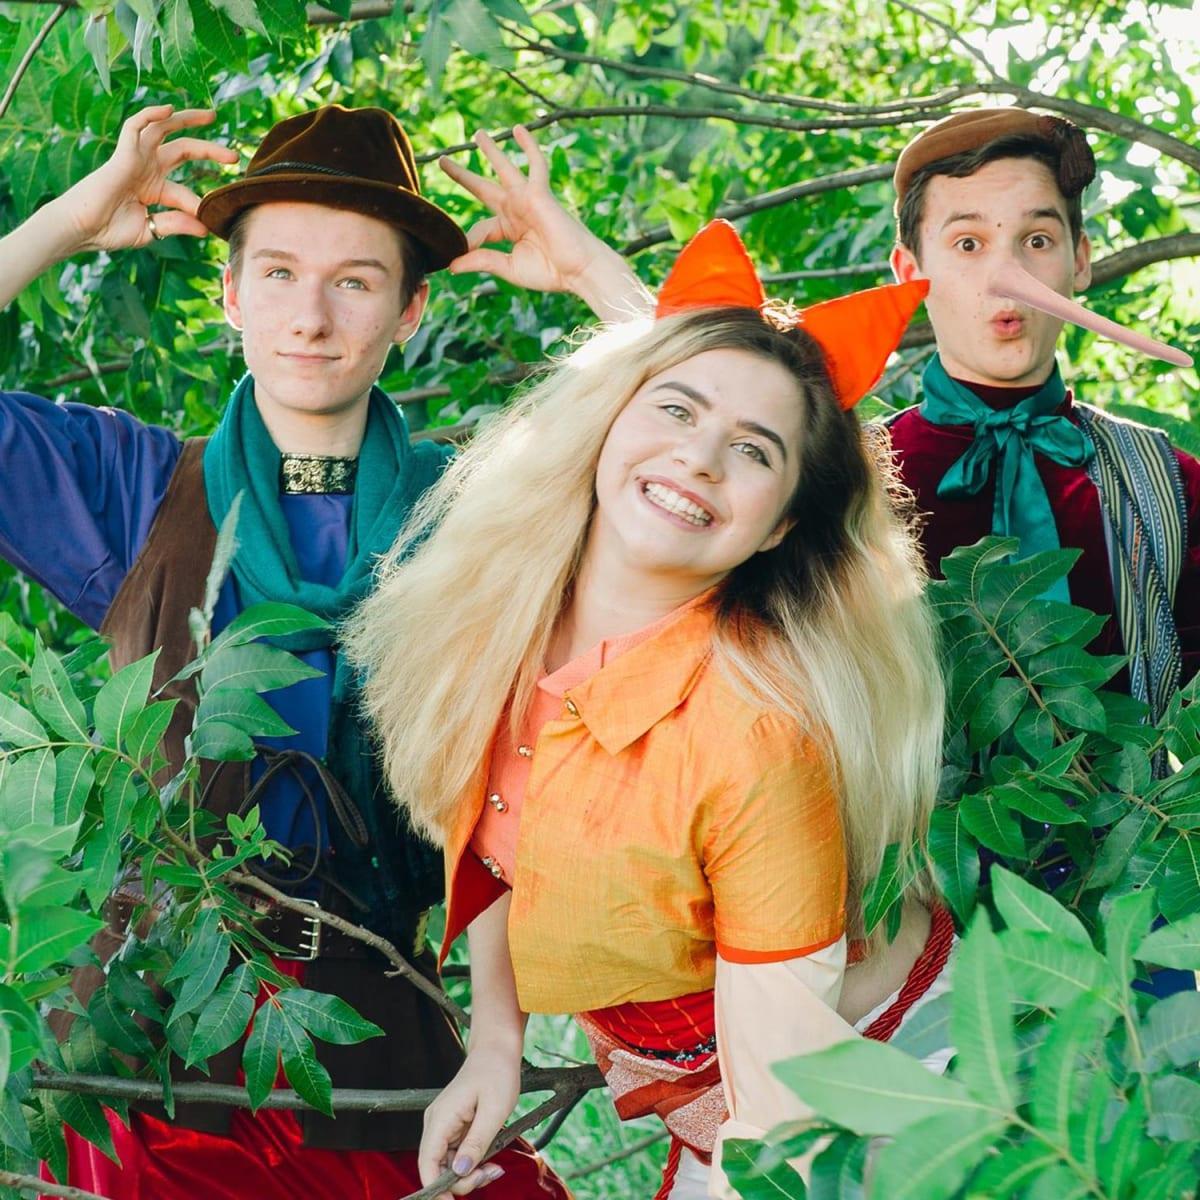 Theatre Arlington presents Pinocchio Commedia